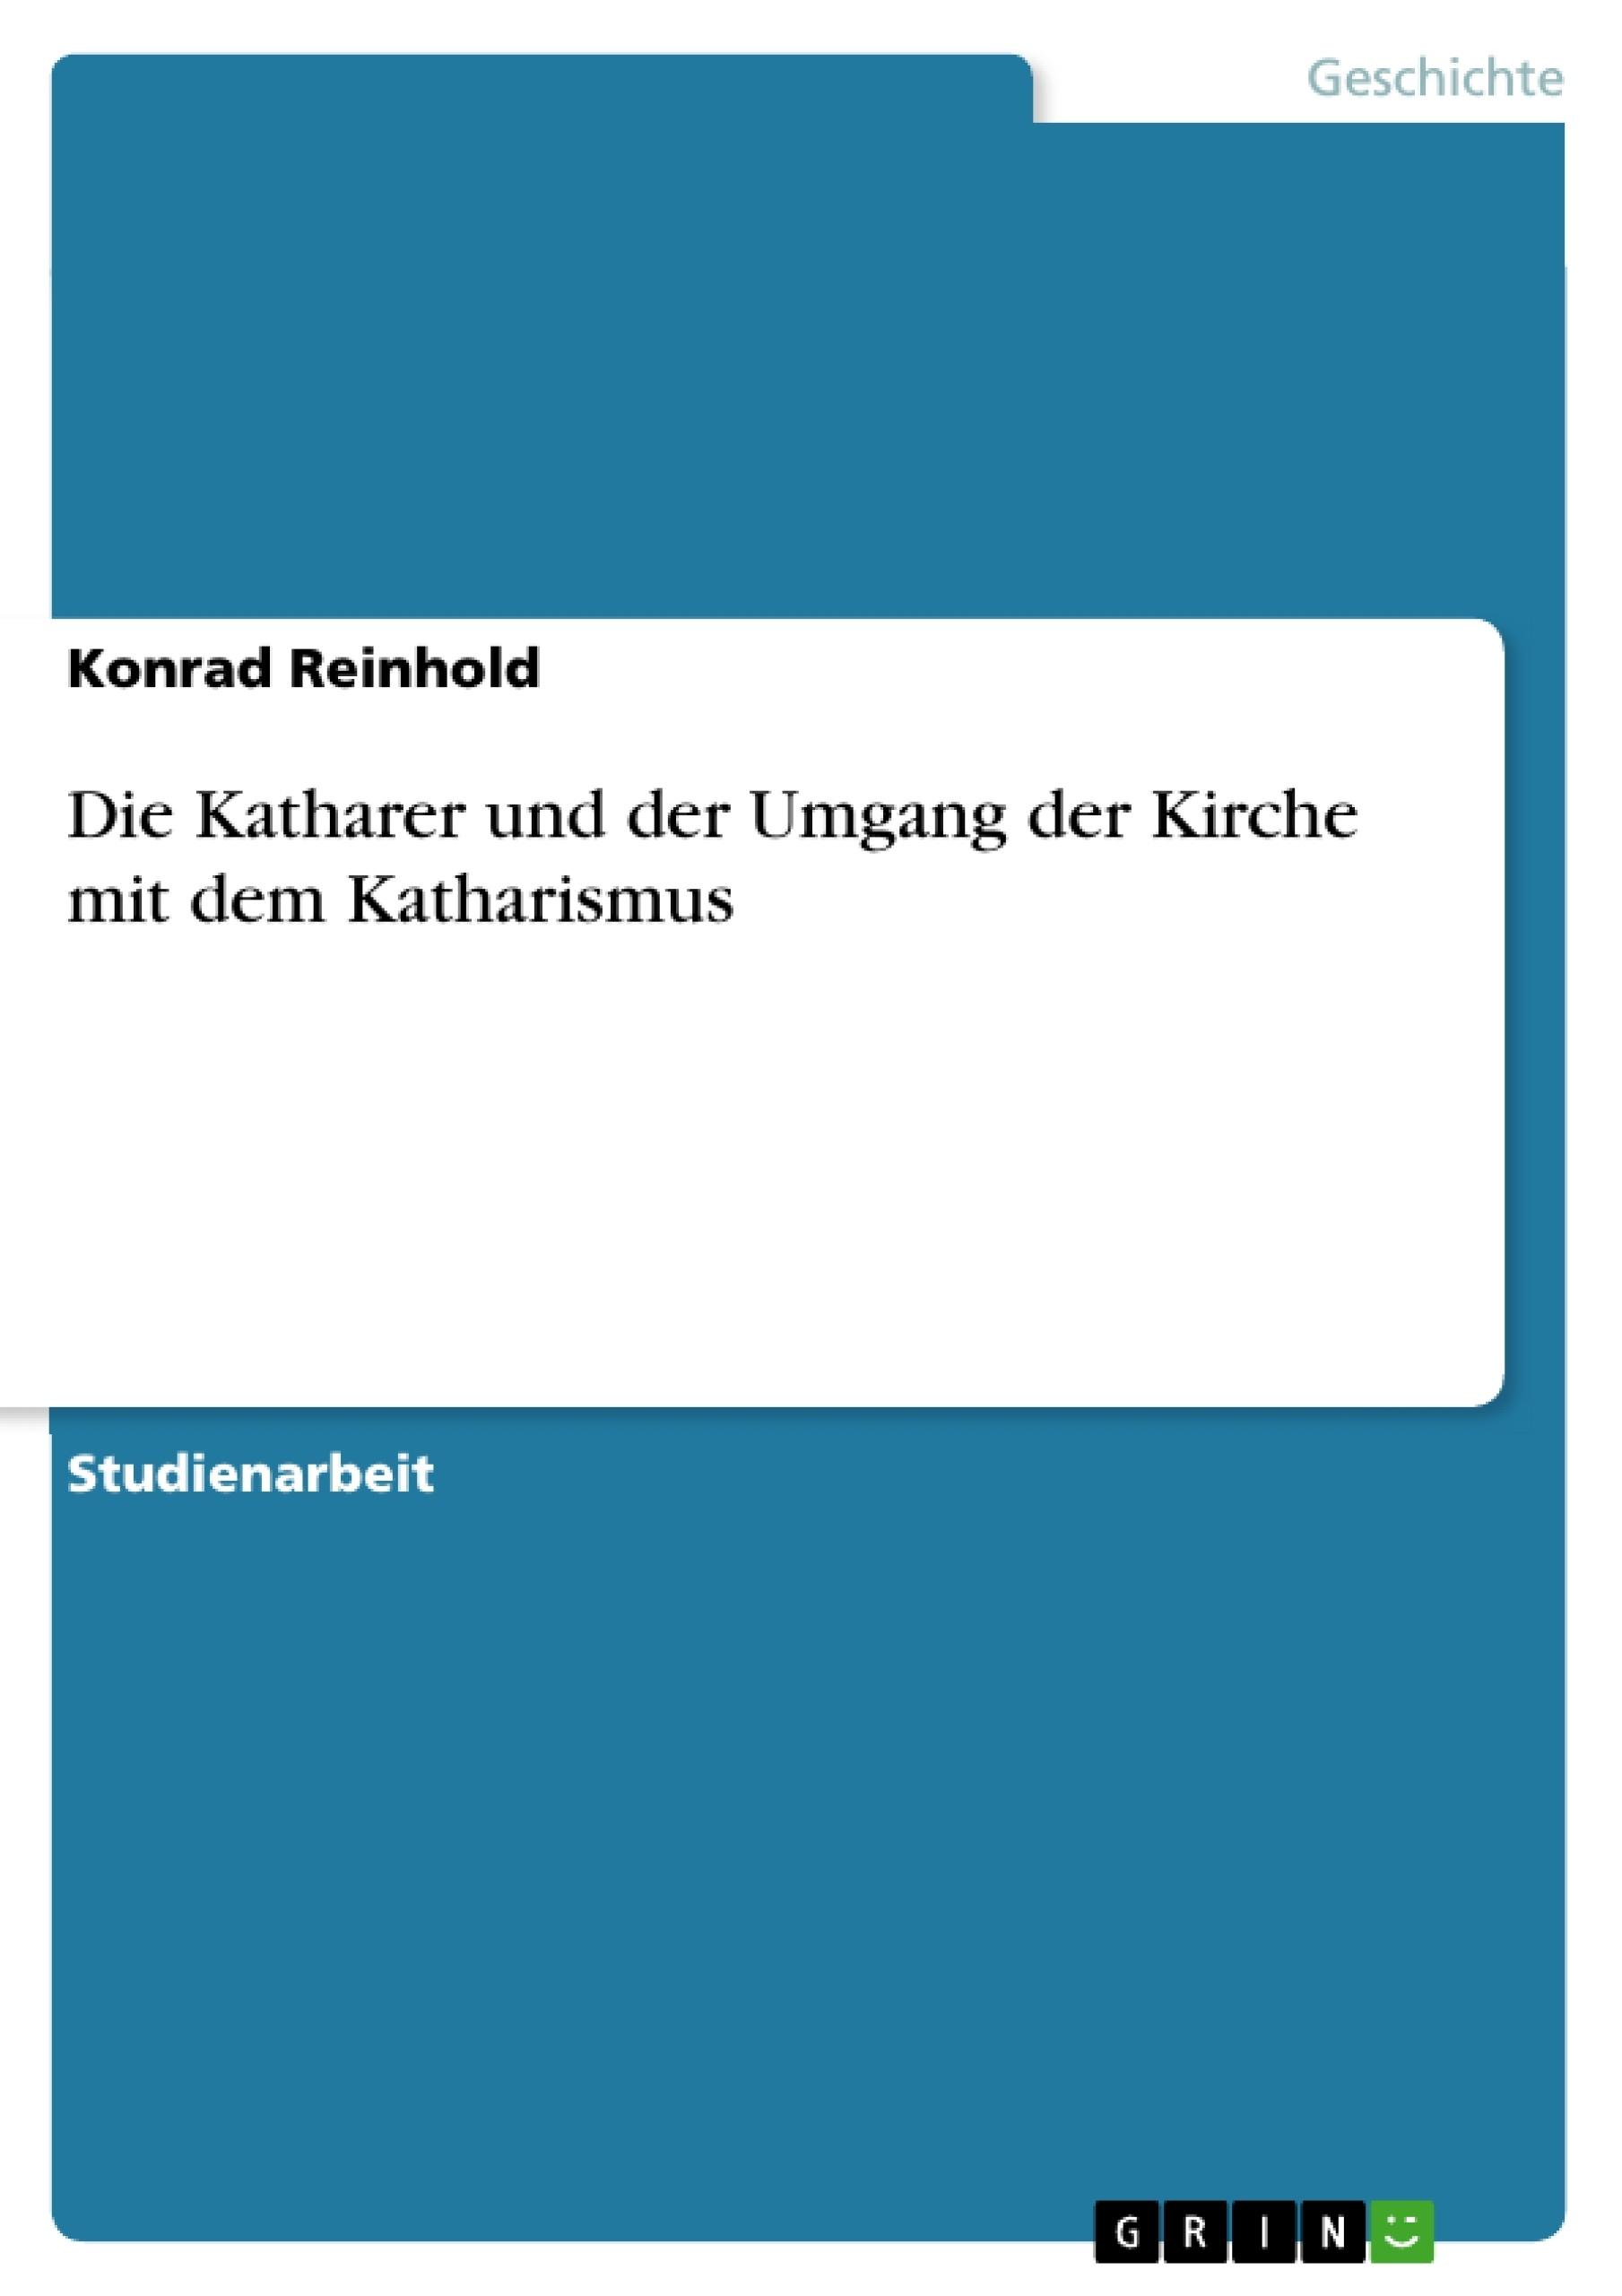 Titel: Die Katharer und der Umgang der Kirche mit dem Katharismus